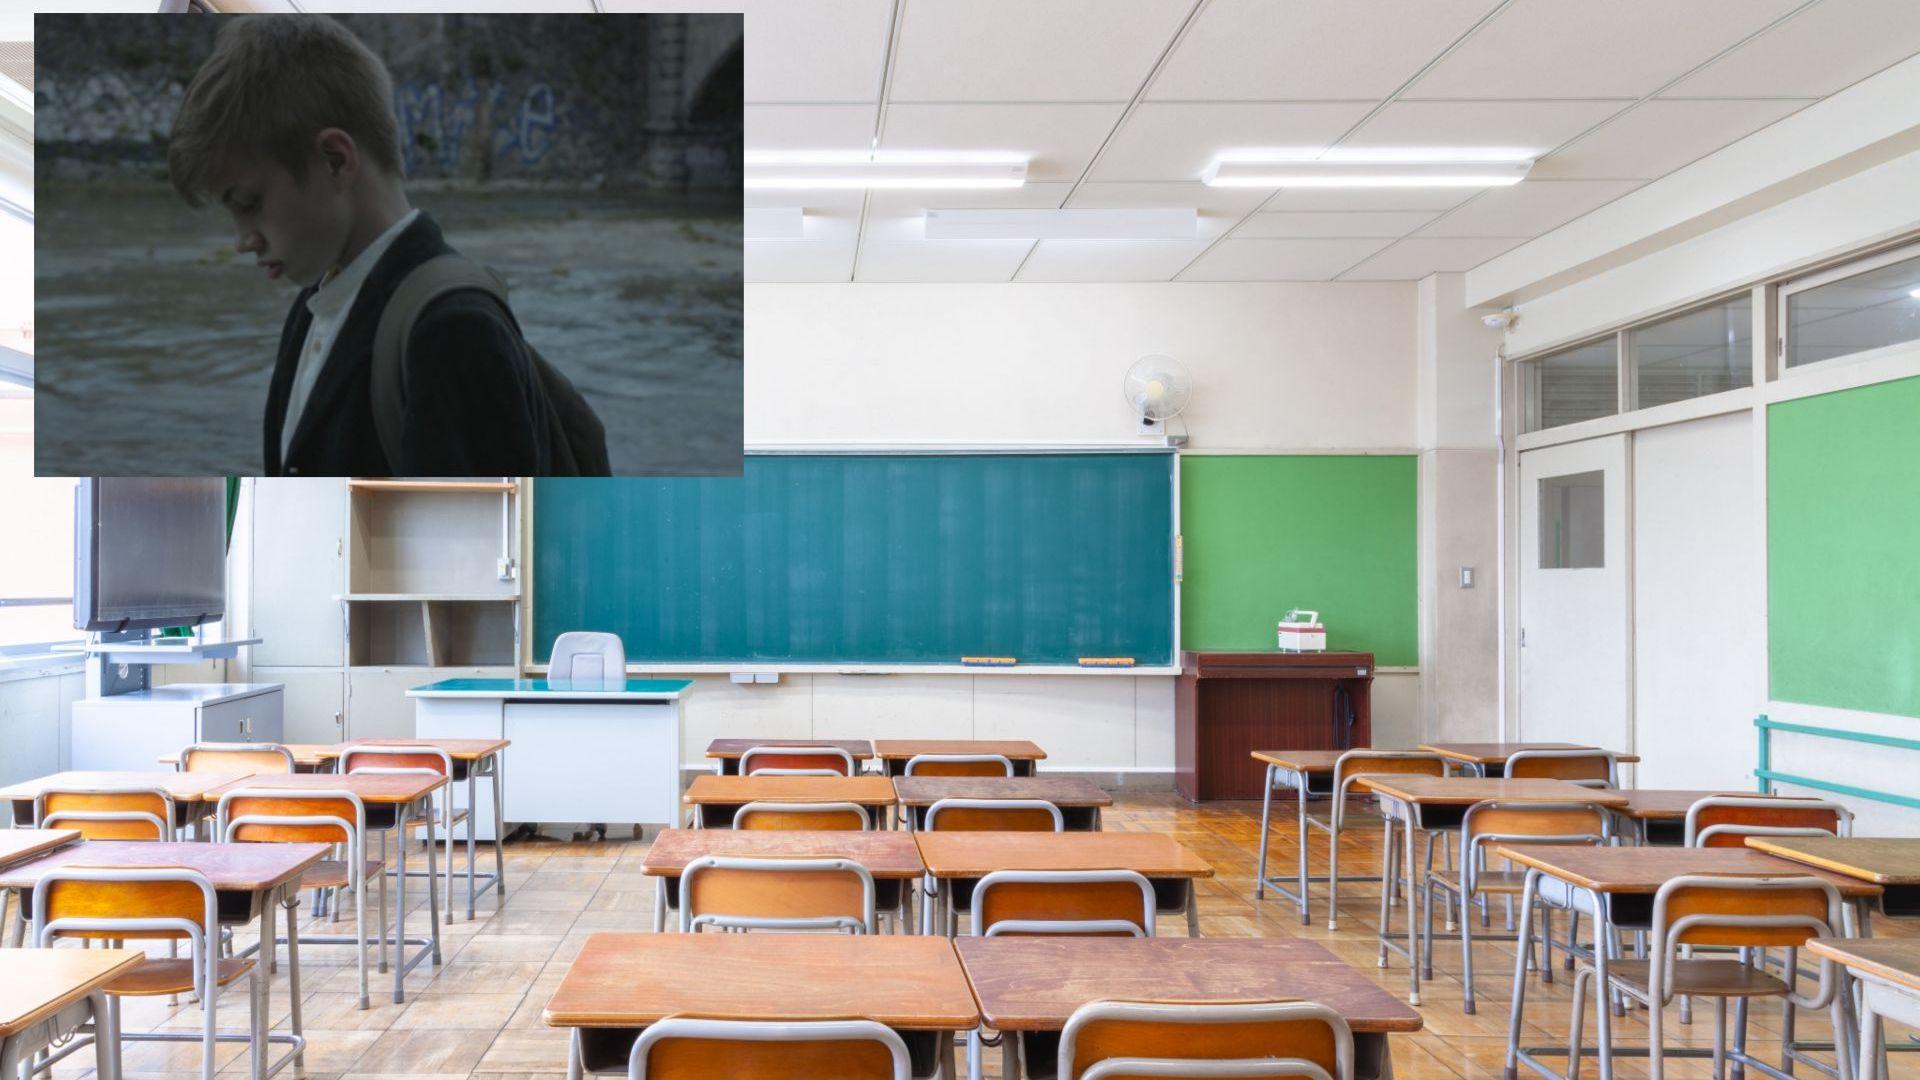 """Нов скандал в училище: Родители шокирани от """"самоубийство"""" във филм срещу насилието"""